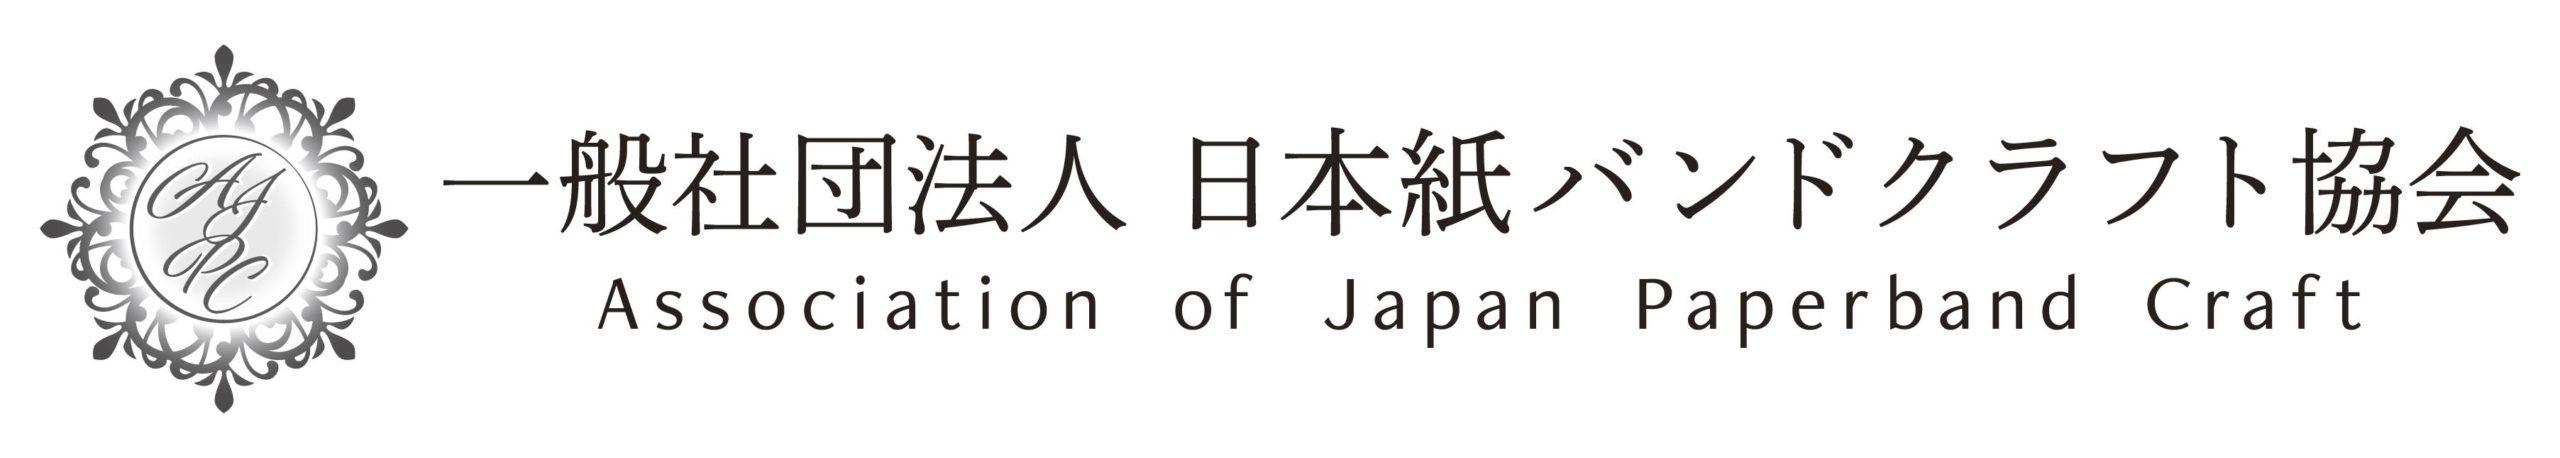 一般社団法人 日本紙バンドクラフト協会